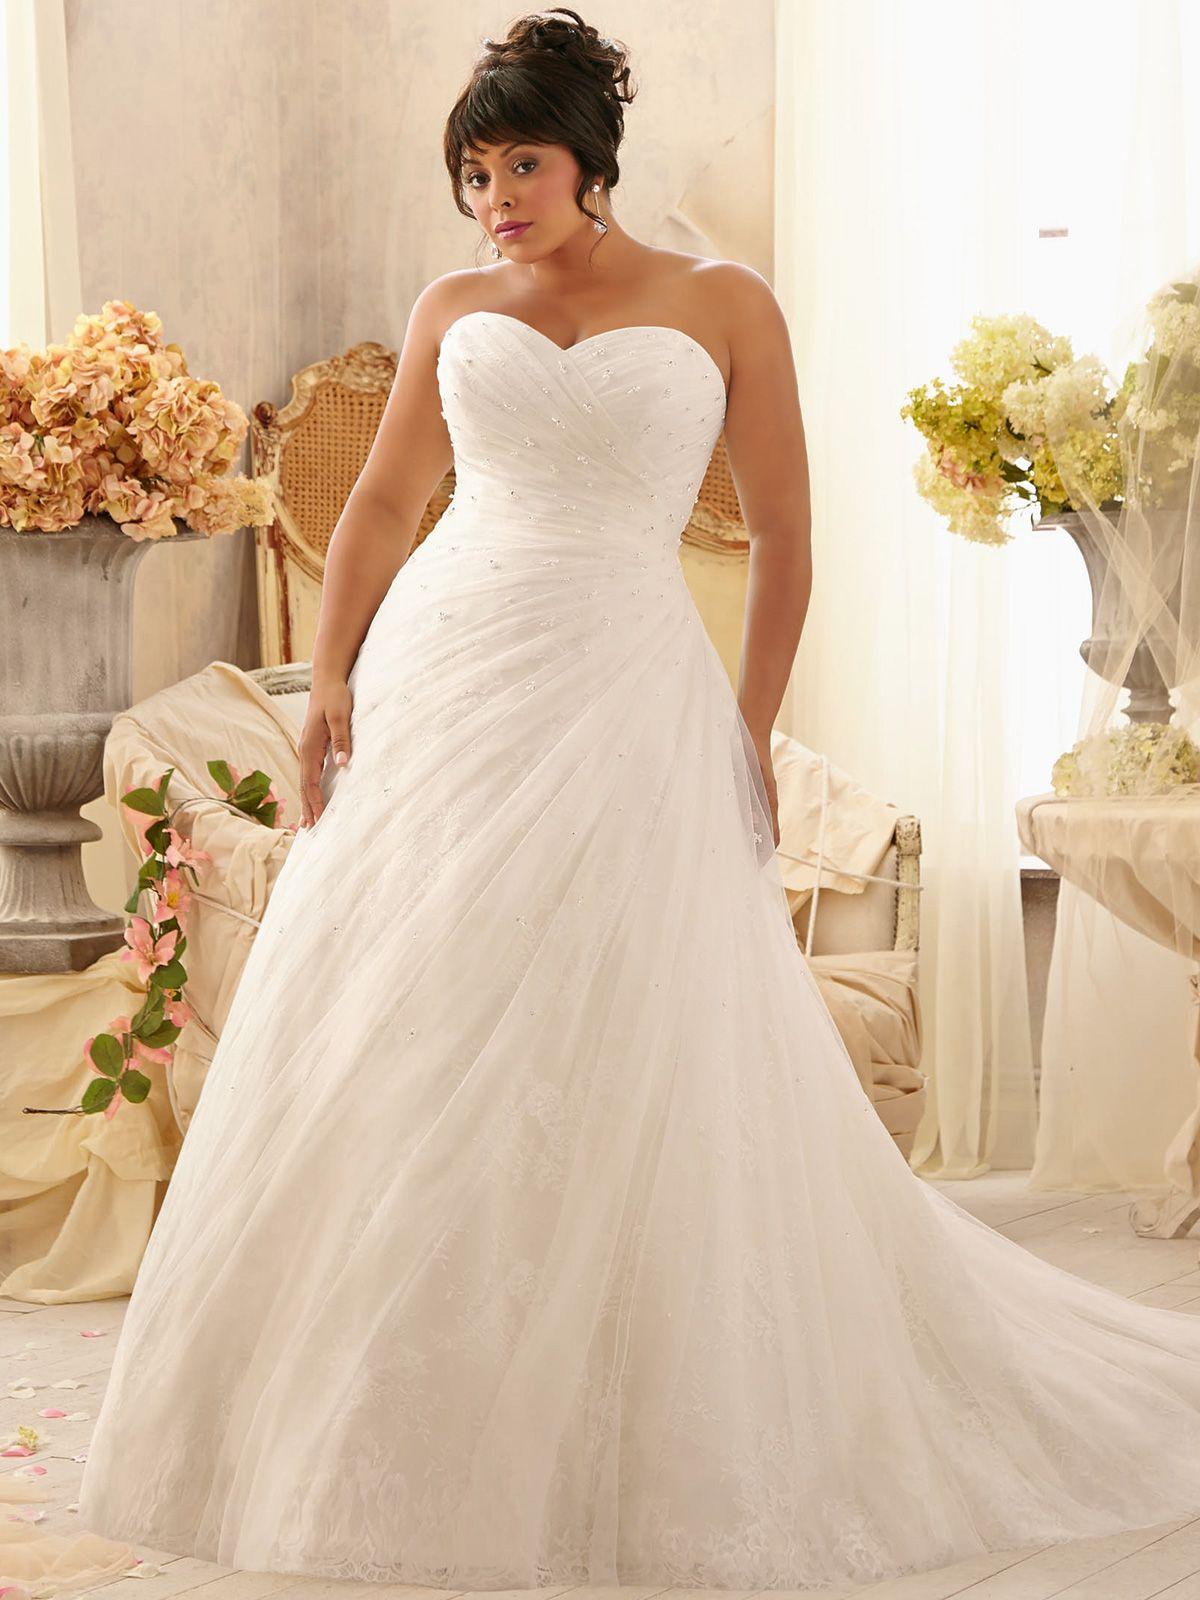 mori lee julietta plus size bridal dress 3156: dimitradesigns